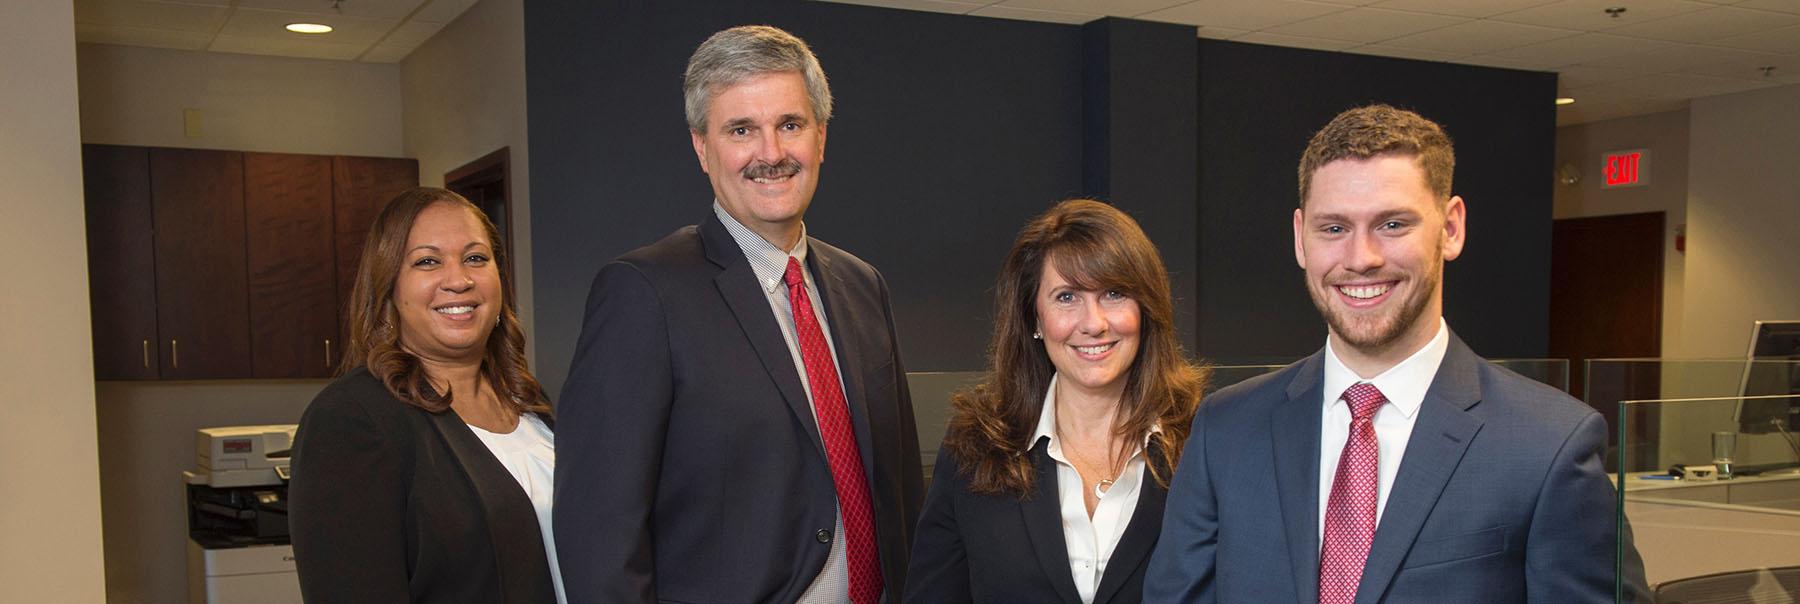 Sylvia Partners